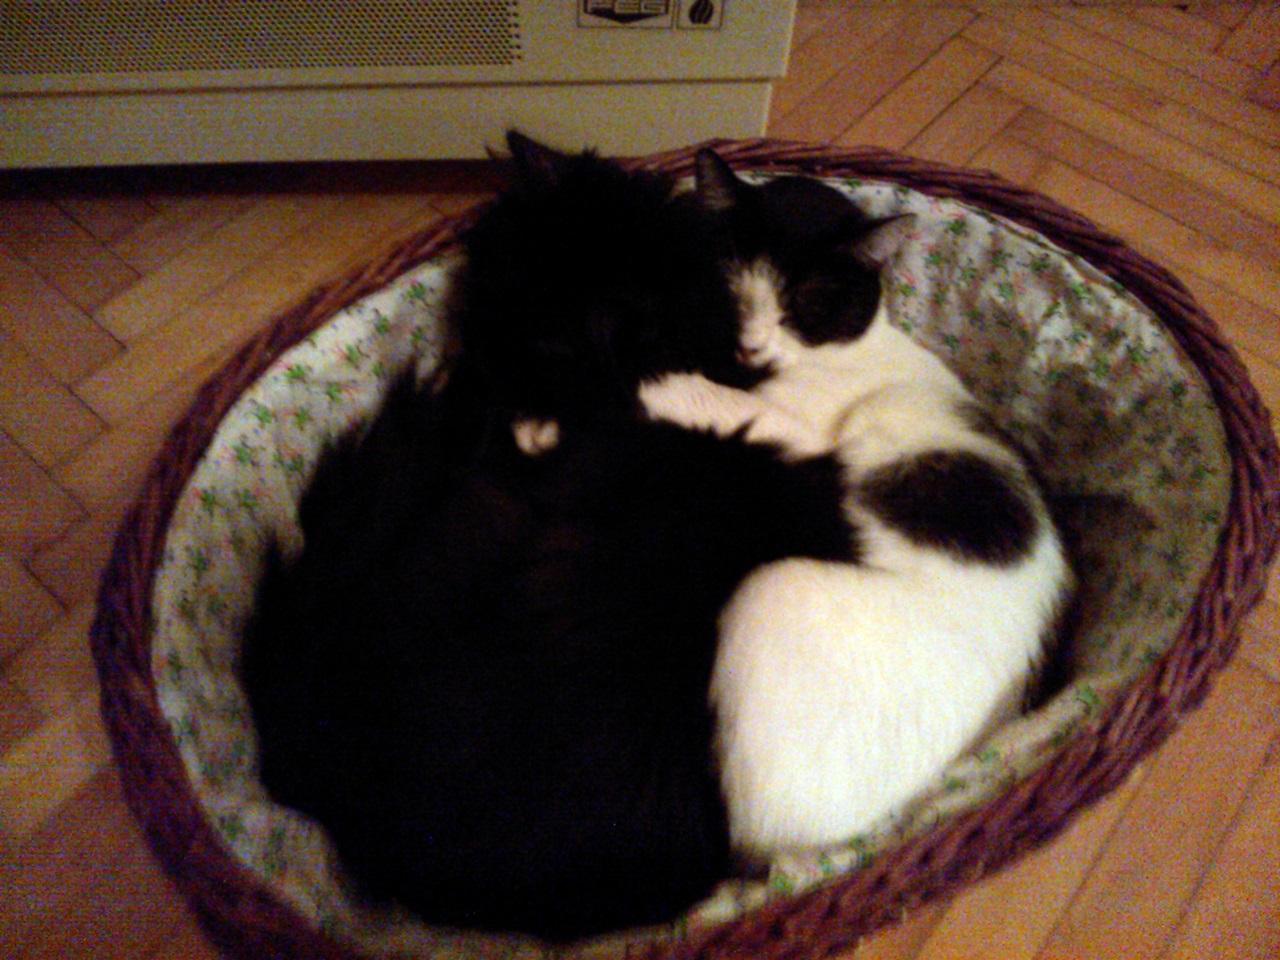 Együtt aludni valakivel még jobb :)